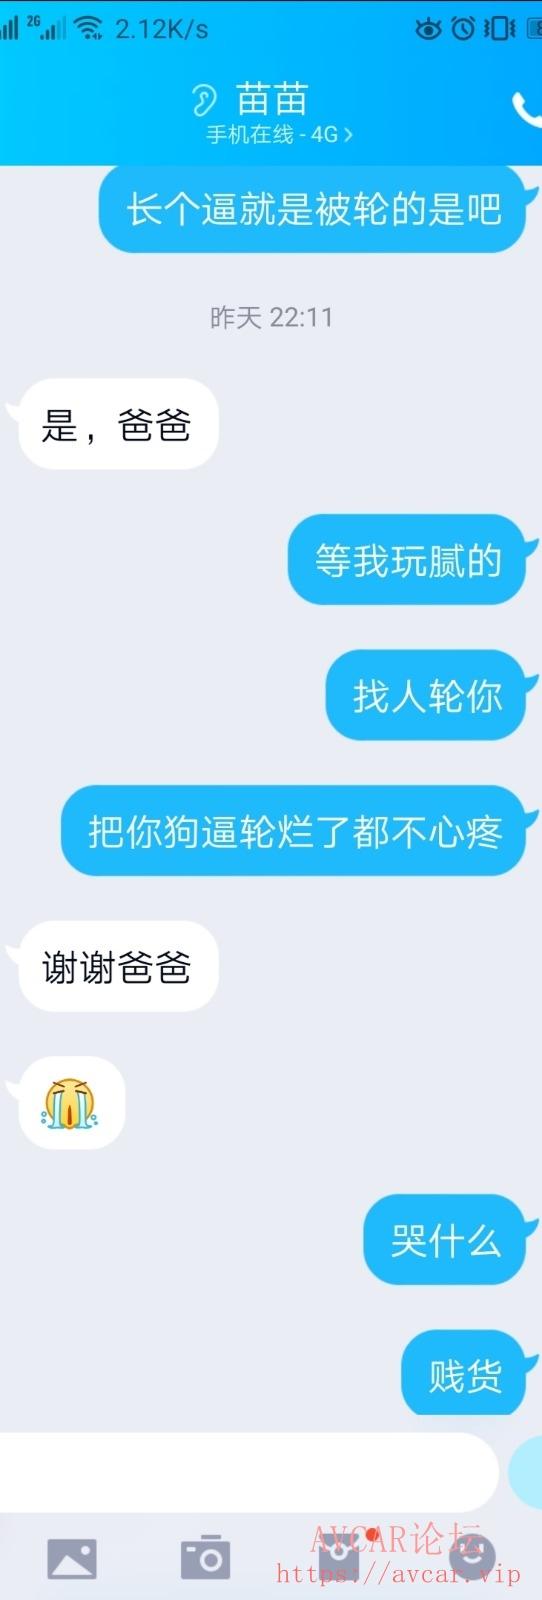 Screenshot_20210504_083041.jpg